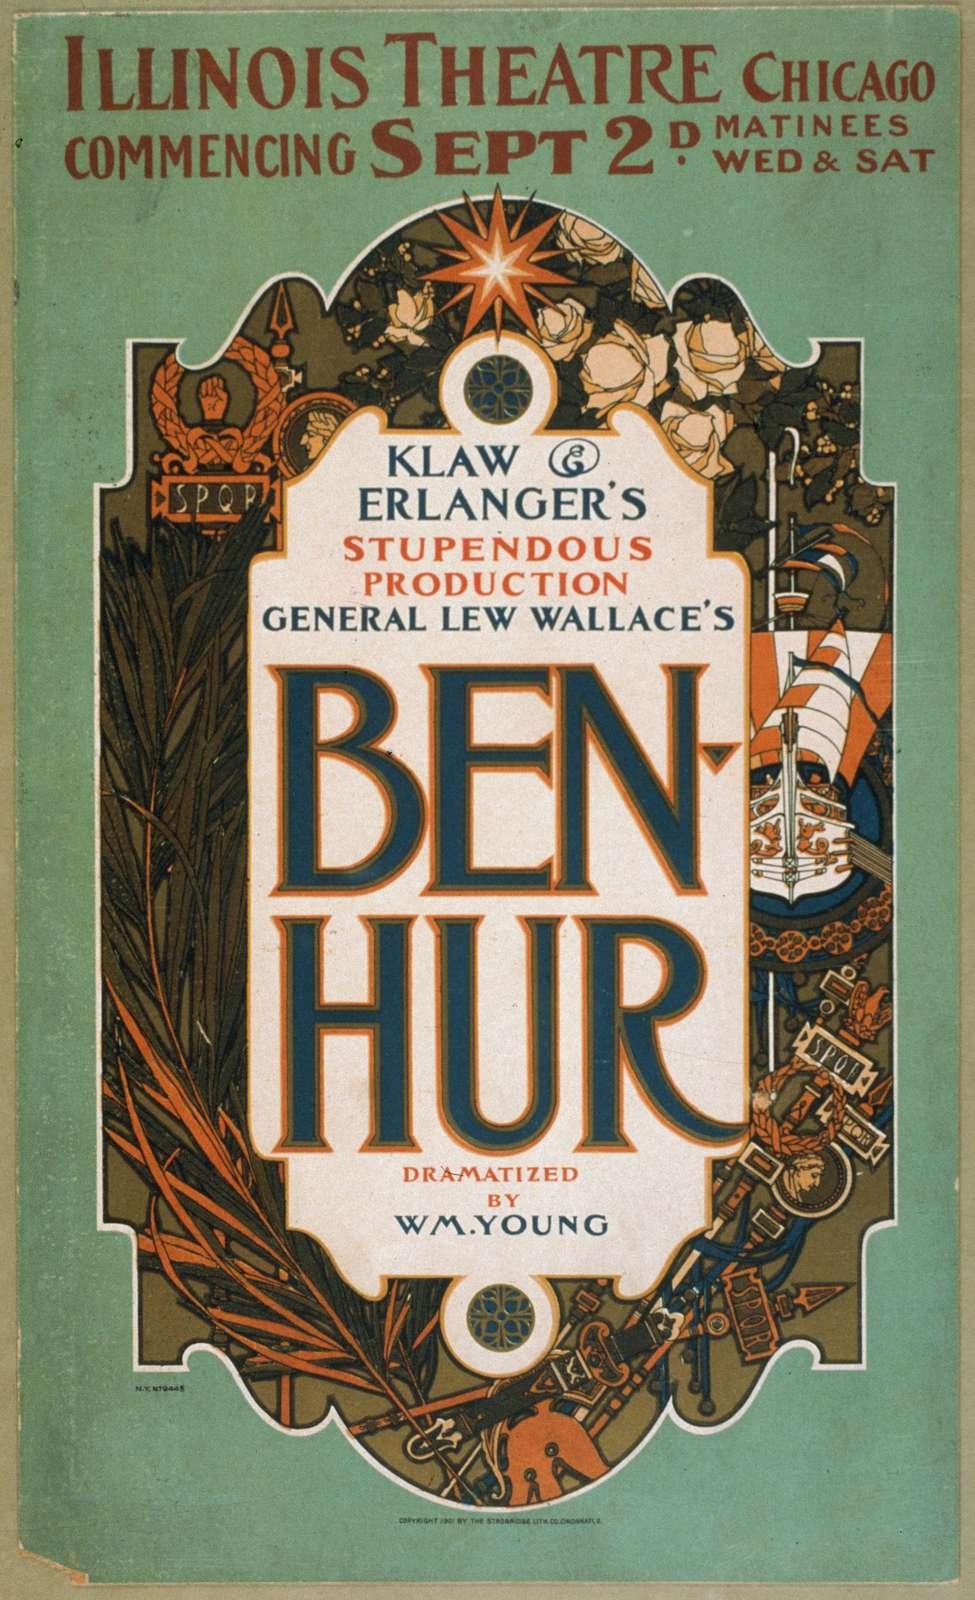 General Lew Wallace's Ben-Hur Klaw & Erlanger's stupendous production.